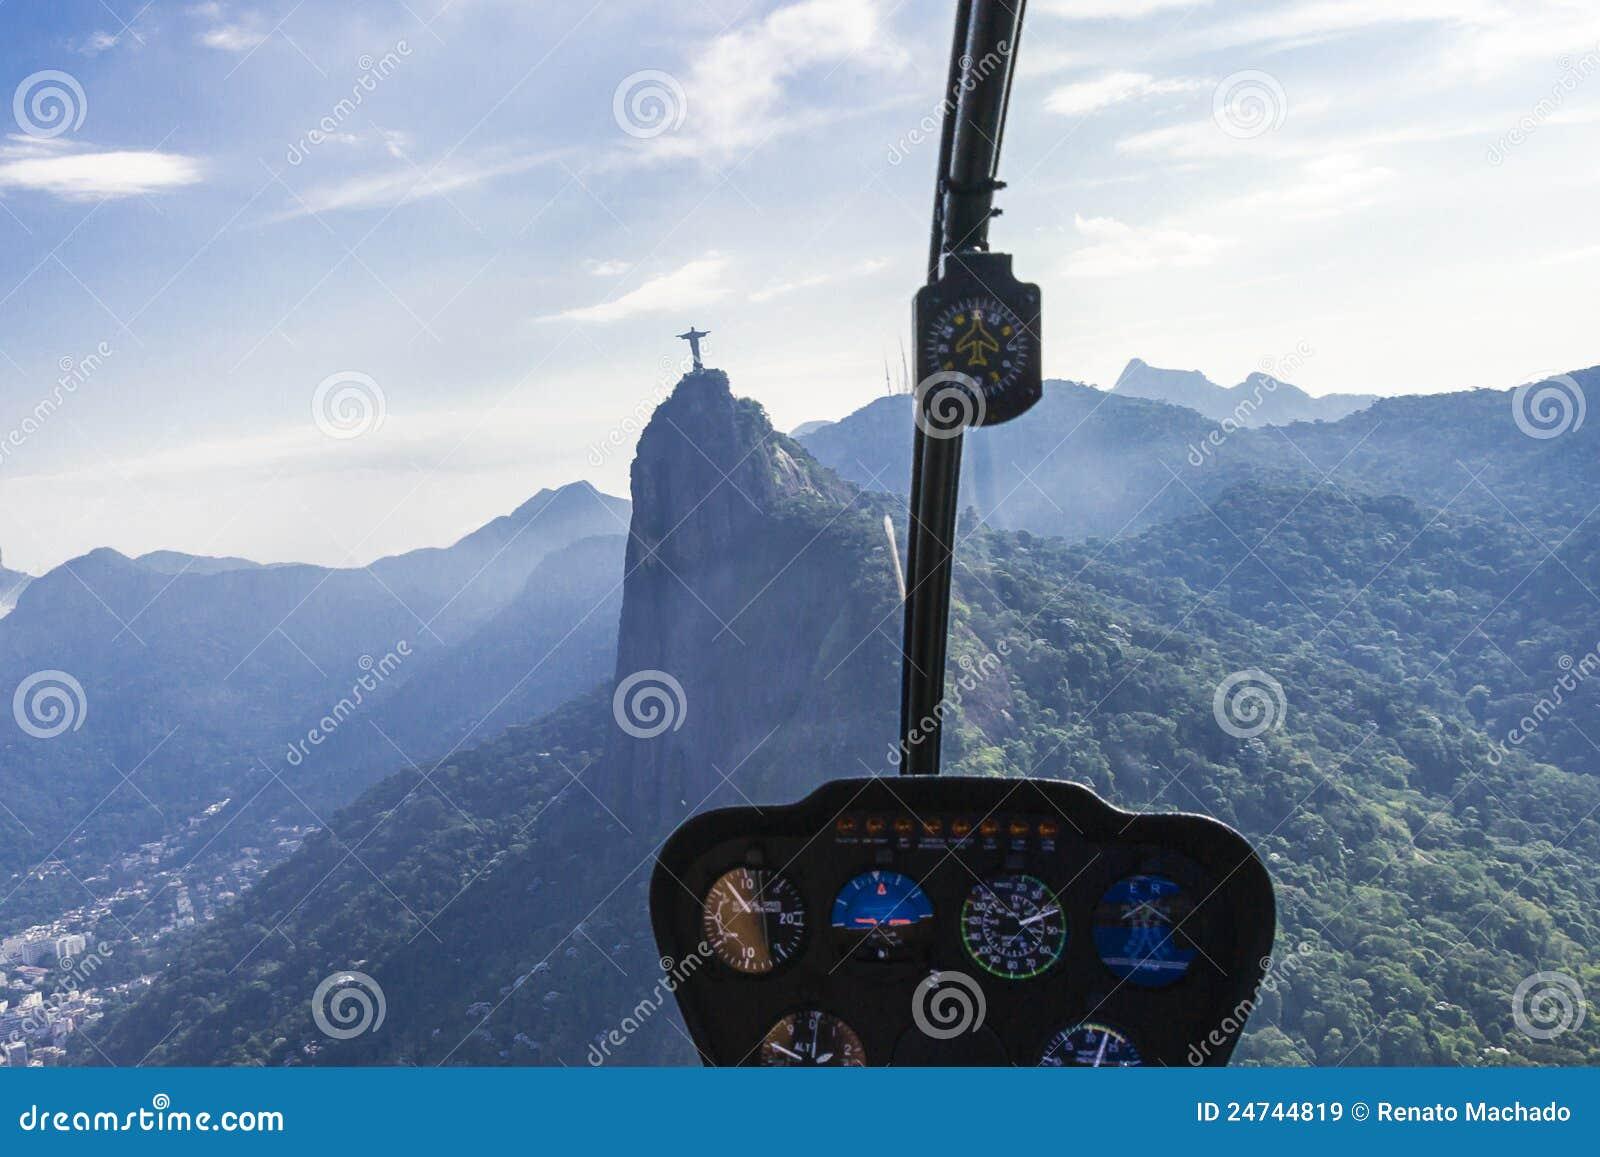 Helicopter Flyover Air View Rio De Janeiro Royalty Free